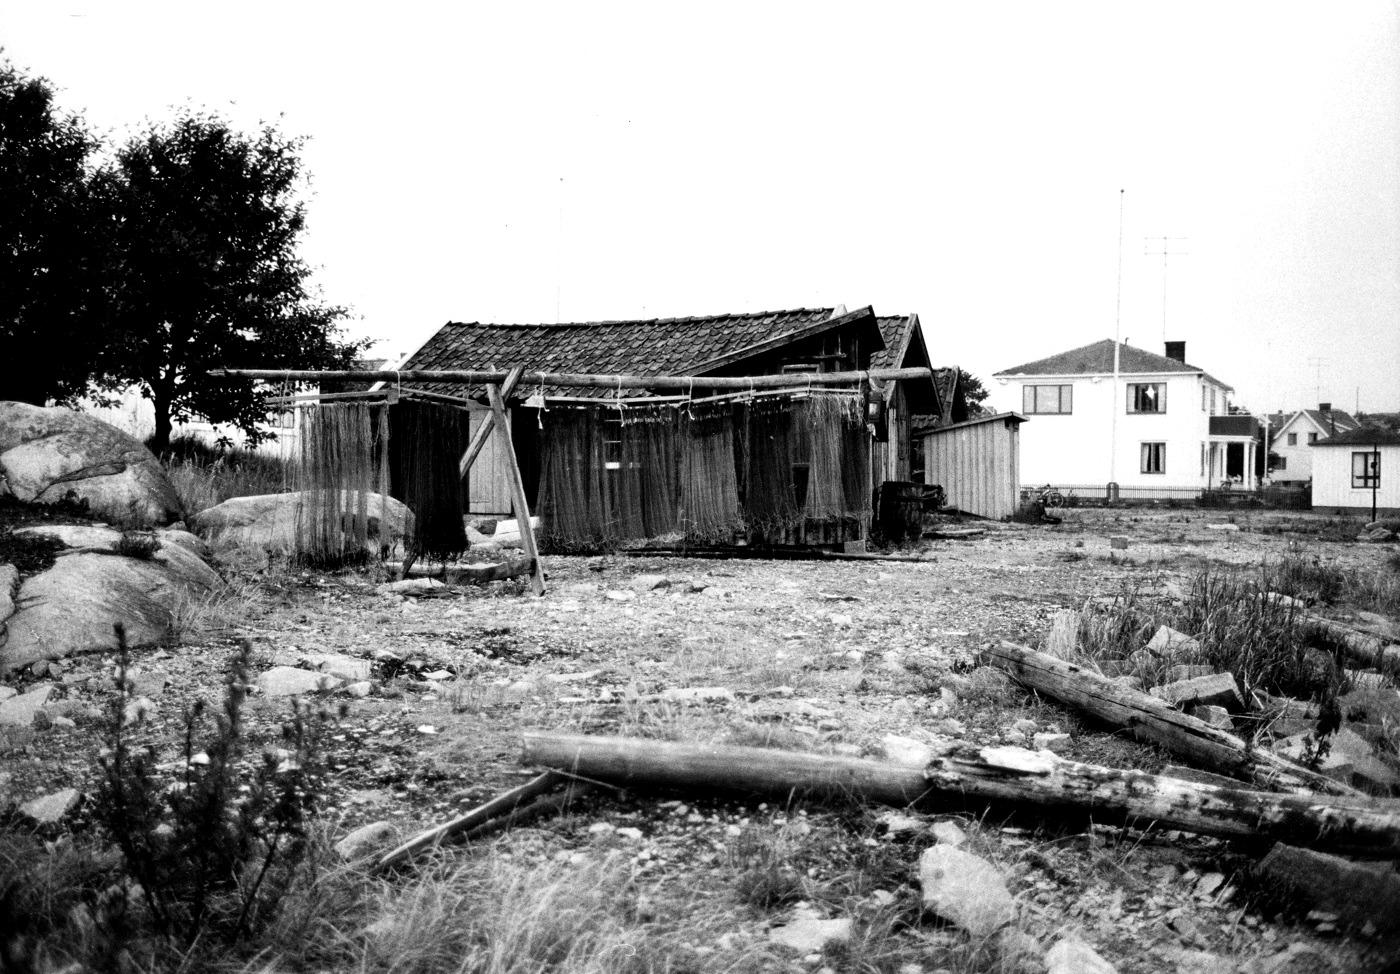 Fotoa Claes Funck 1968. Nät på tork och bodar vid nuvarande minigolfbanan.